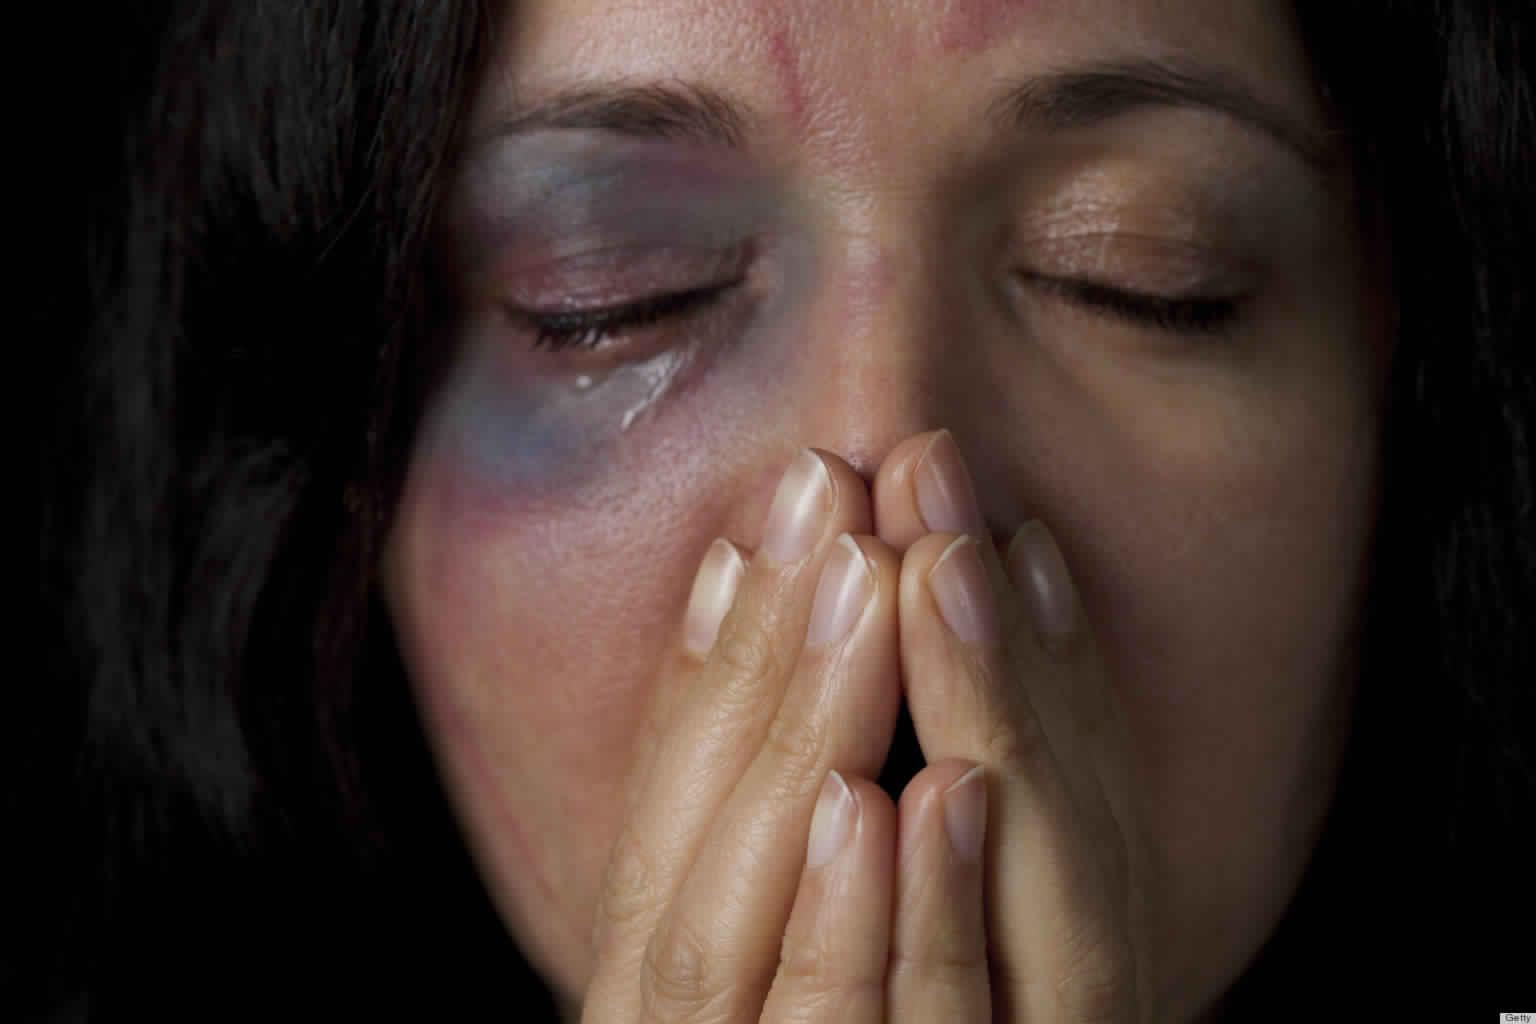 سيدة بالجديدة تتهم زوجها بتعنيفها وتهديدها بالقتل